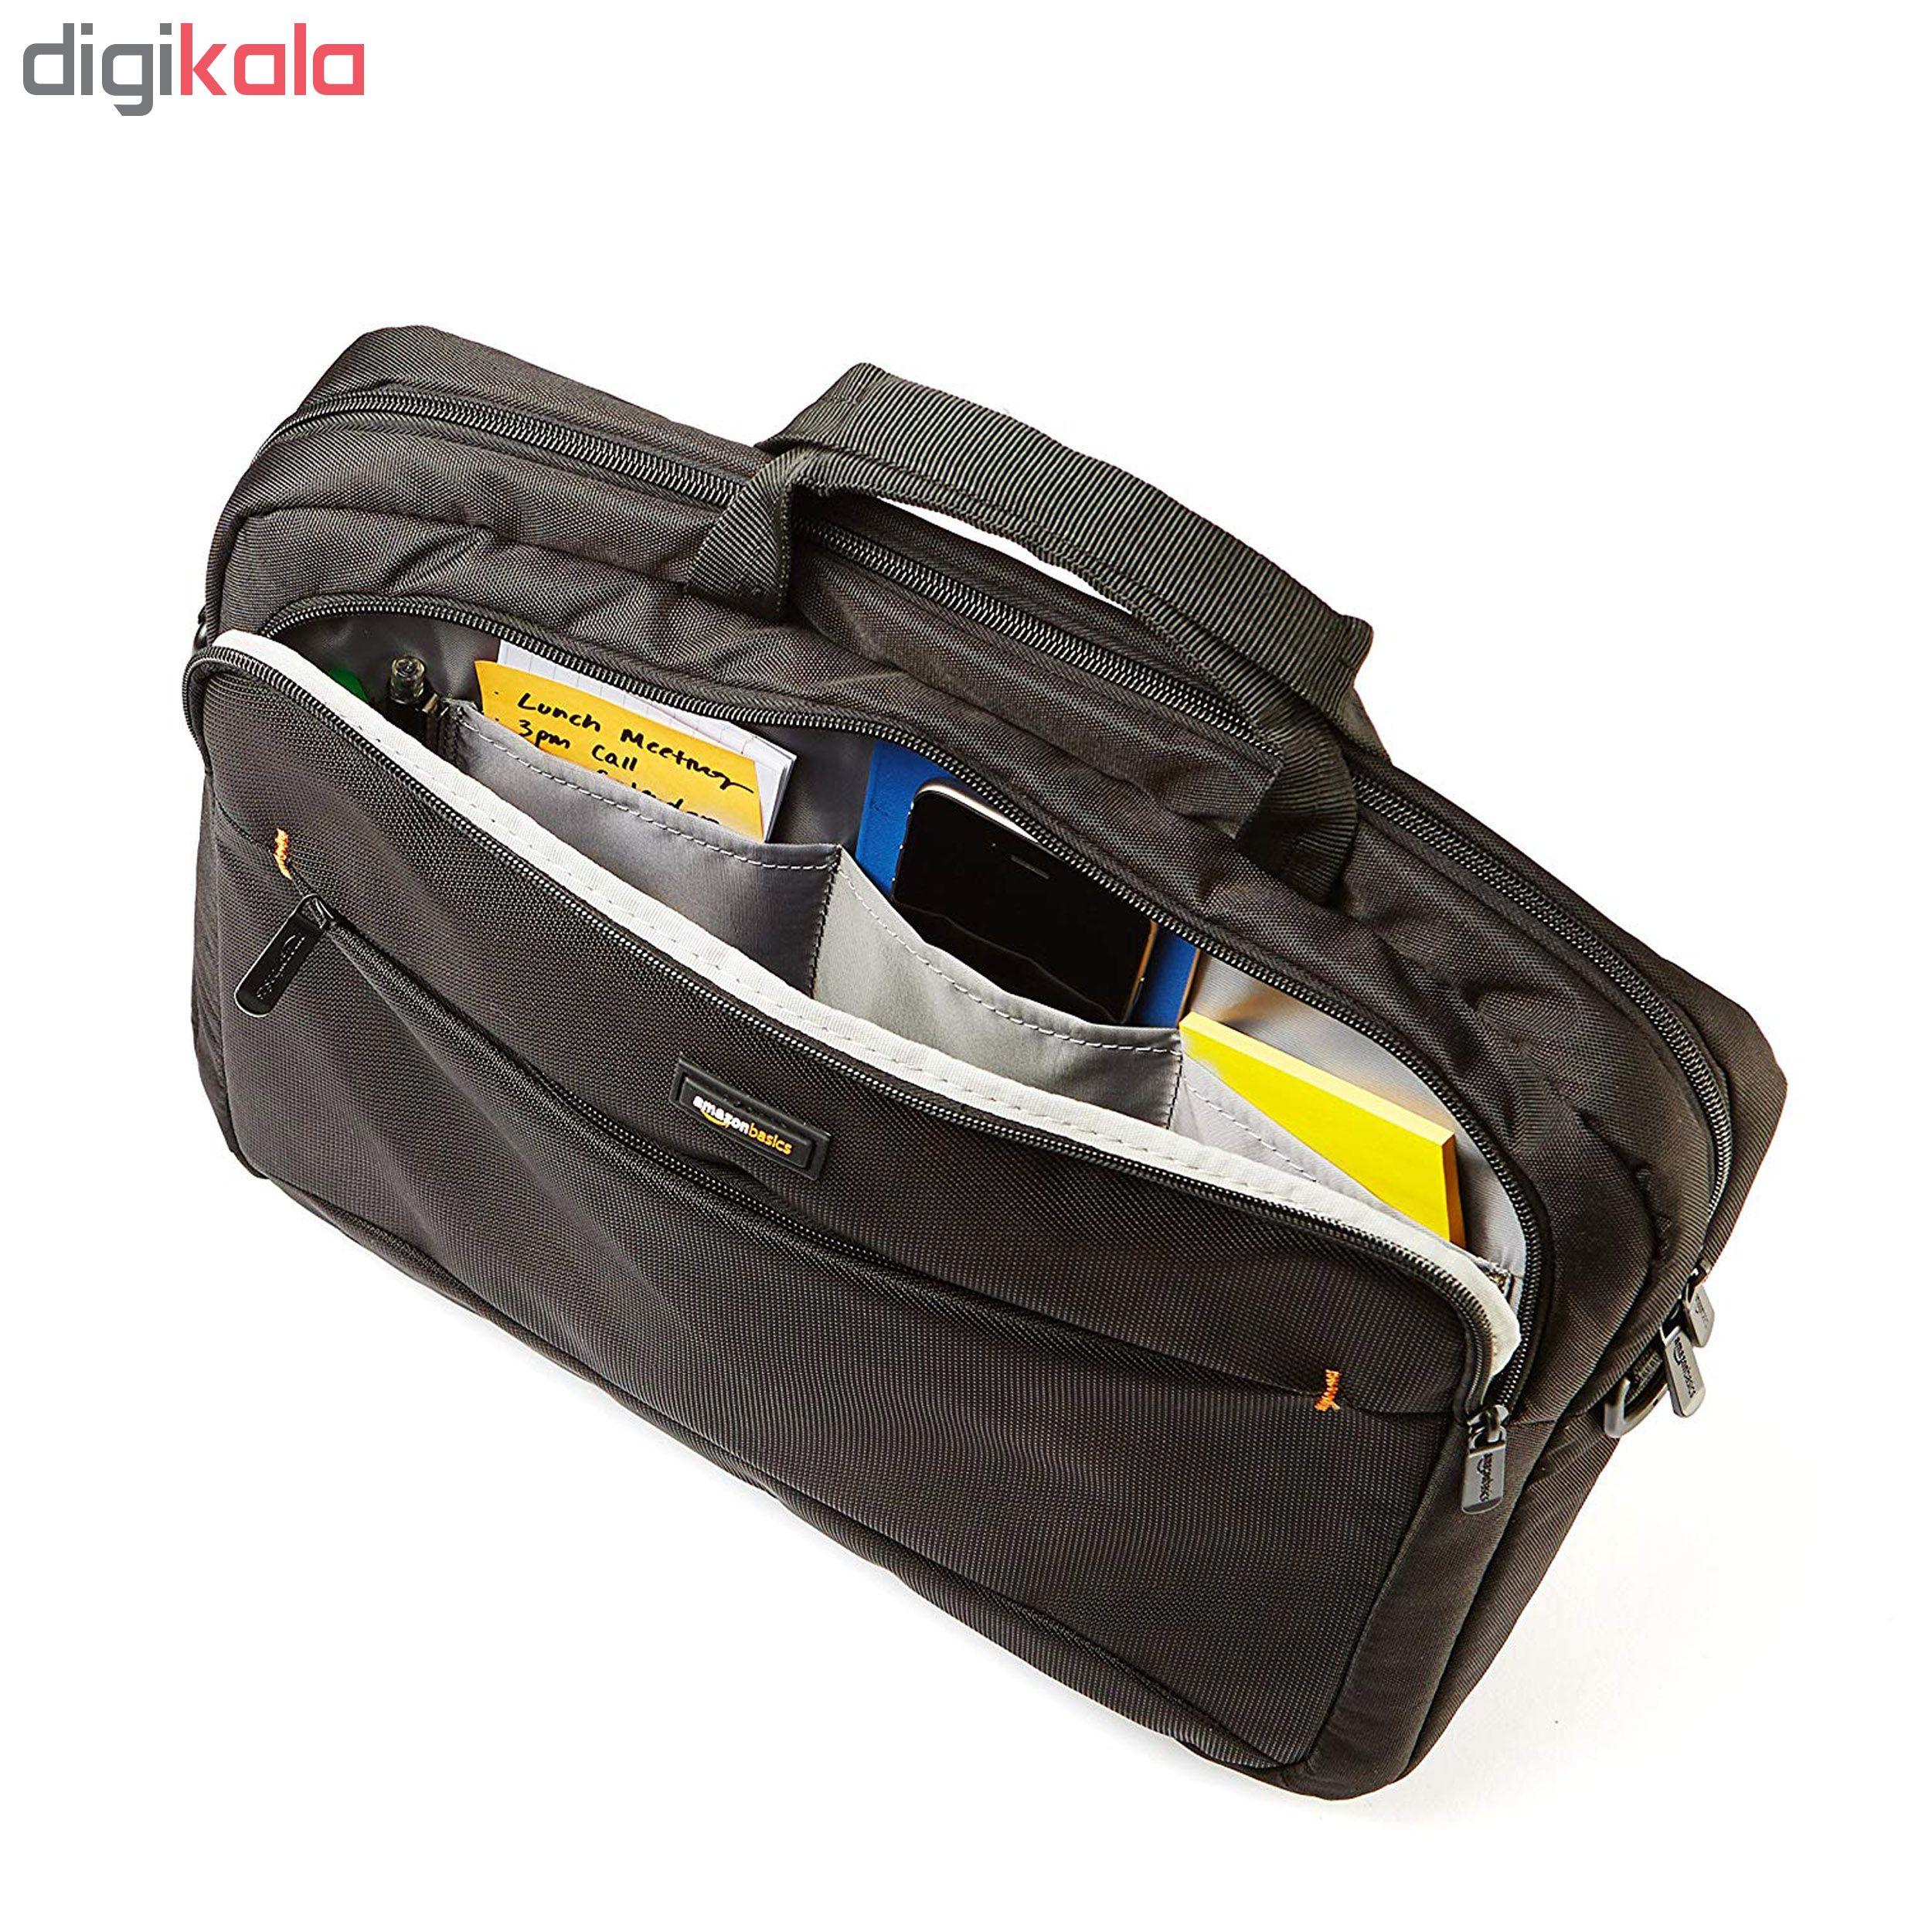 کیف لپ تاپ آمازون بیسیکس مدل NC1305224R1 مناسب برای لپ تاپ 15.6 اینچی